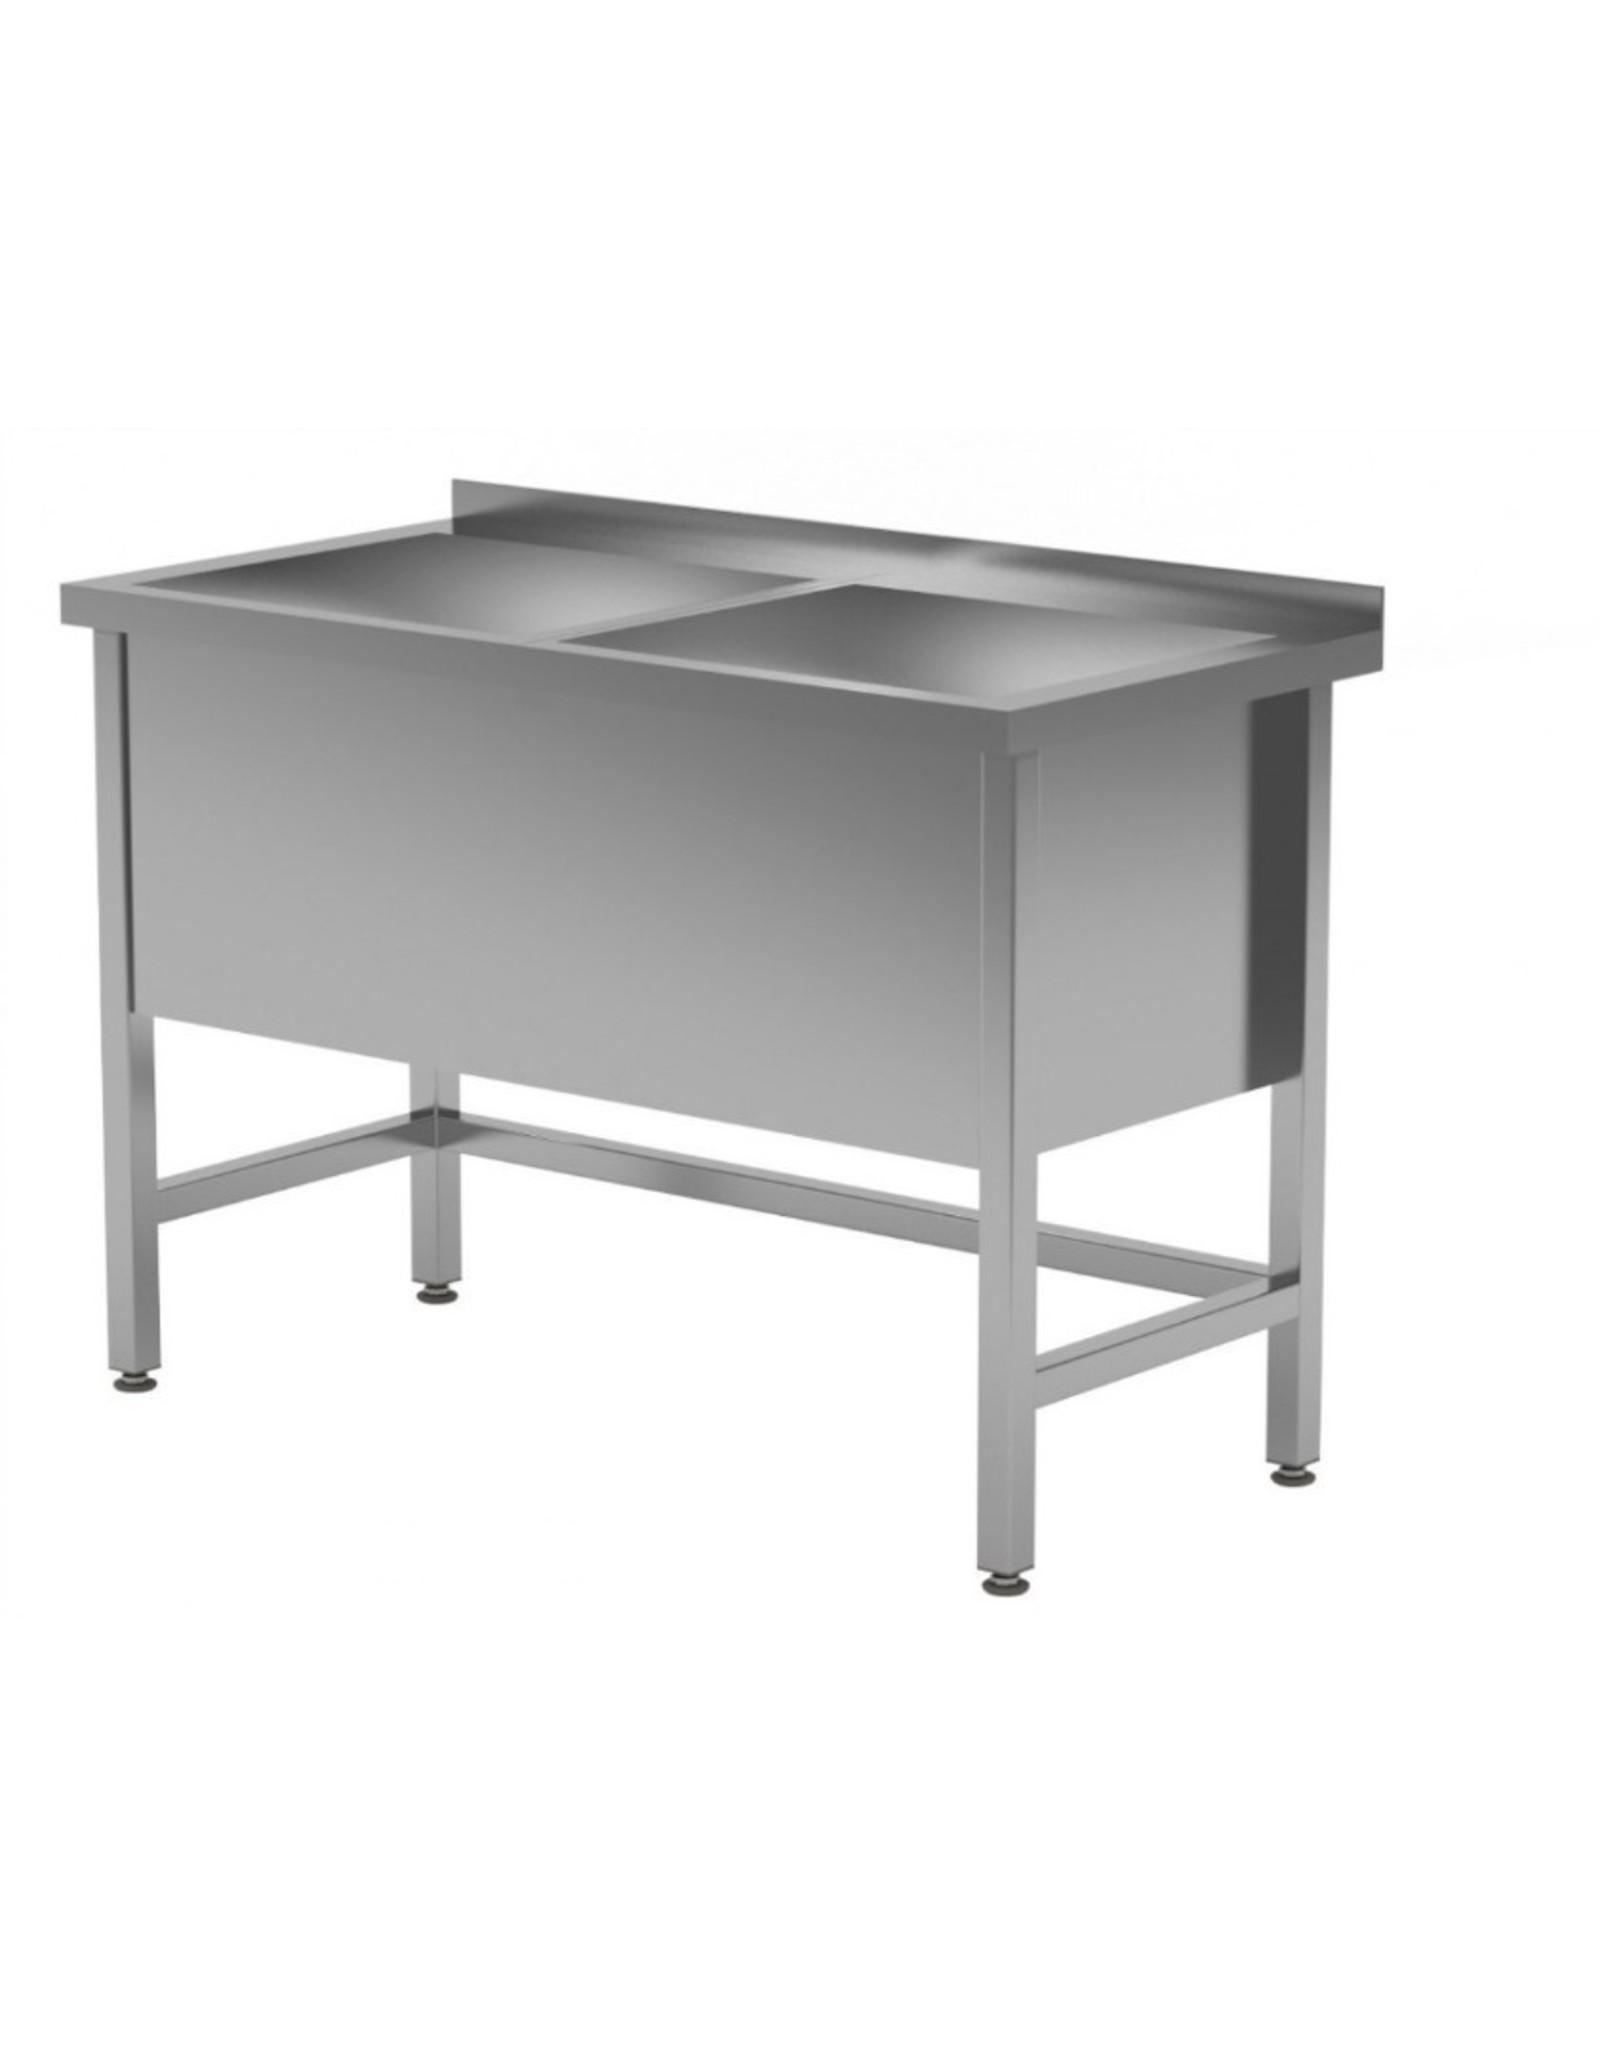 Grote wasbak tafel met 2 bakken | 400mm diepte wasbak | 1200-1600mm breed | 600 of 700mm diep